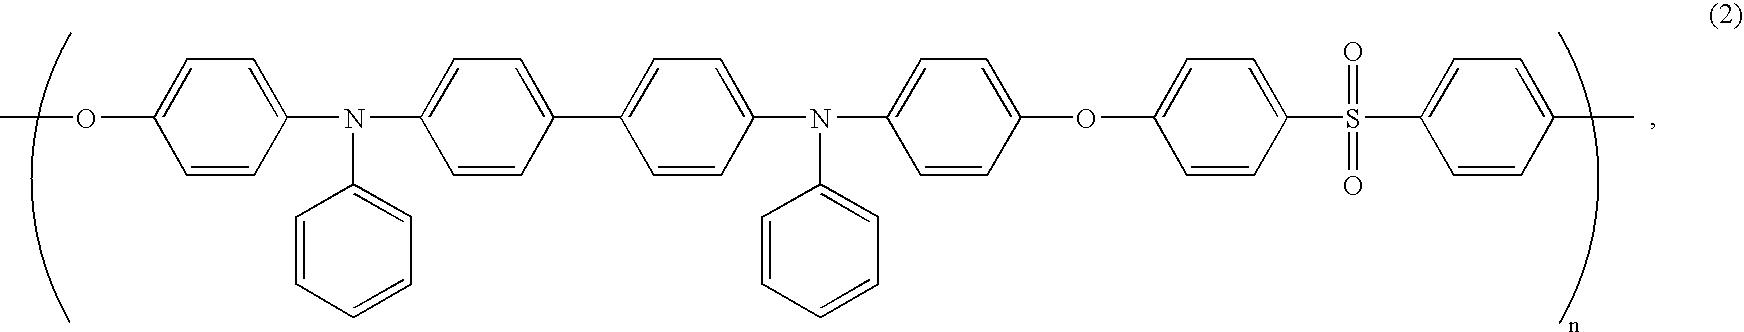 Figure US20040192070A1-20040930-C00002